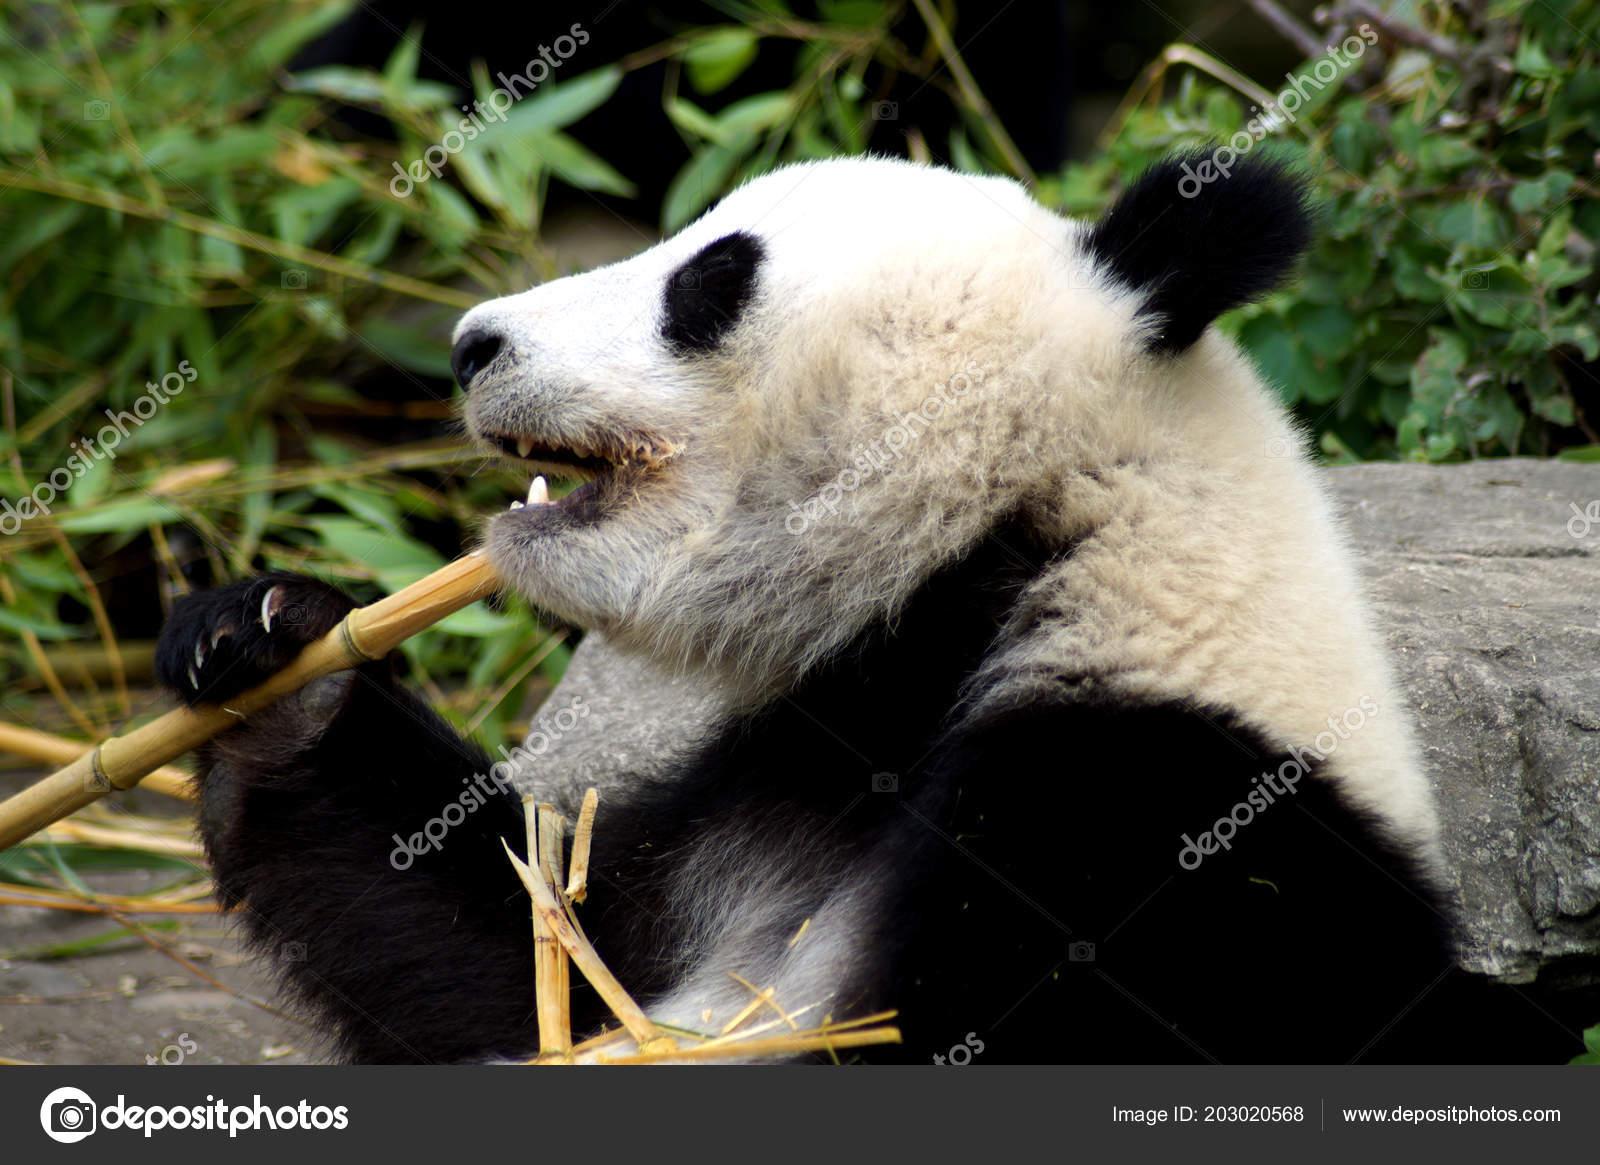 Groer Pandabr Beim Bambus Essen Stock Photo C Spiderwoman81 203020568